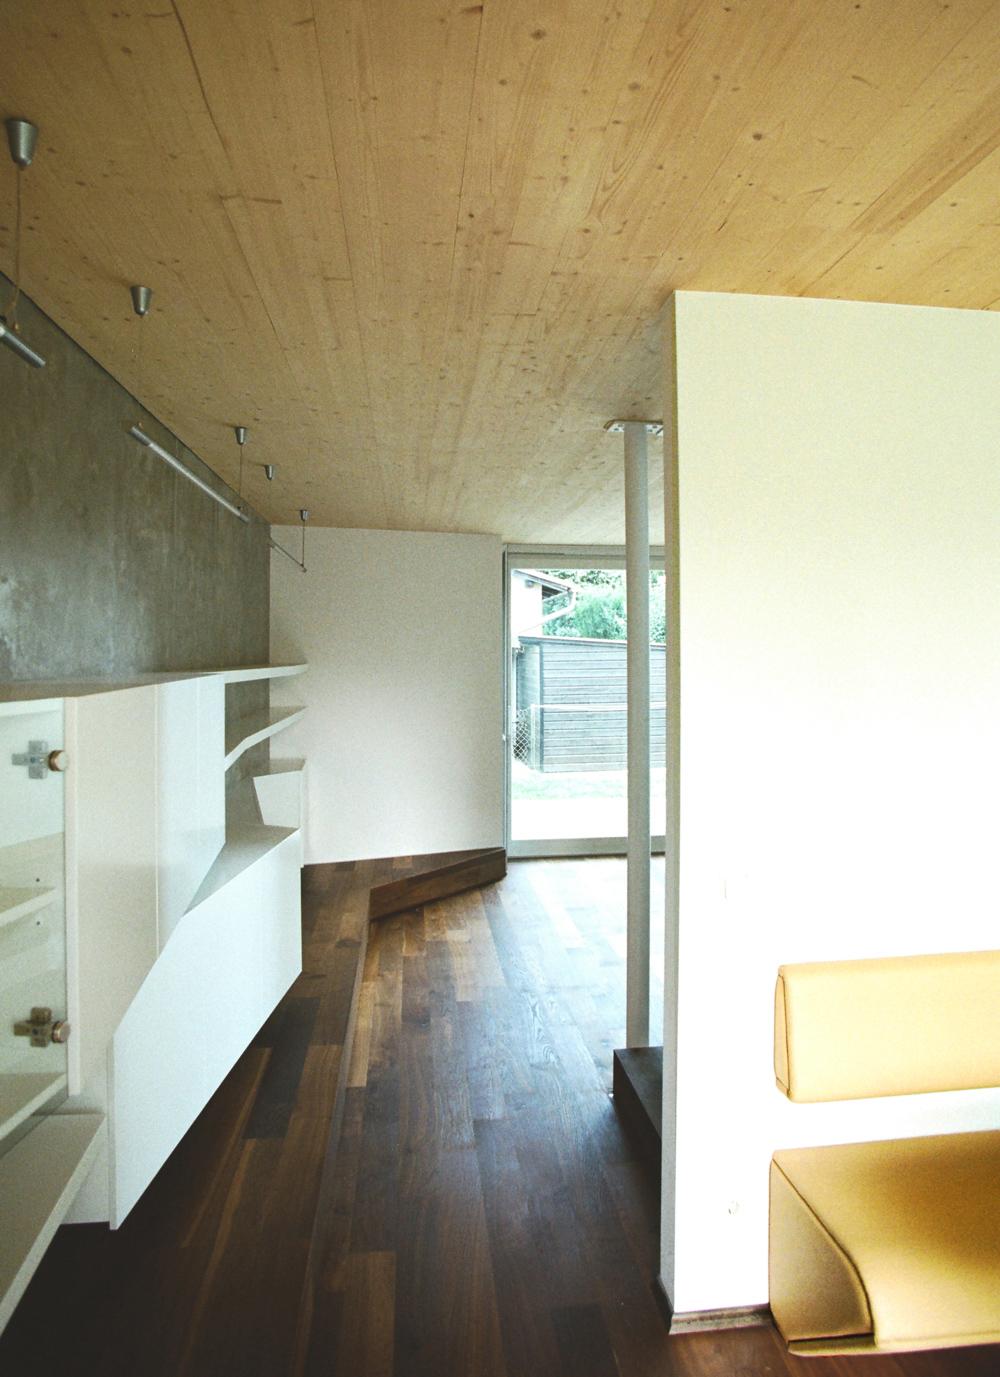 Bild des Wohnzimmers mit integriertem Möbeldesign (Esstisch) von einem Einfamilienhaus das von Architekten geplant wurde